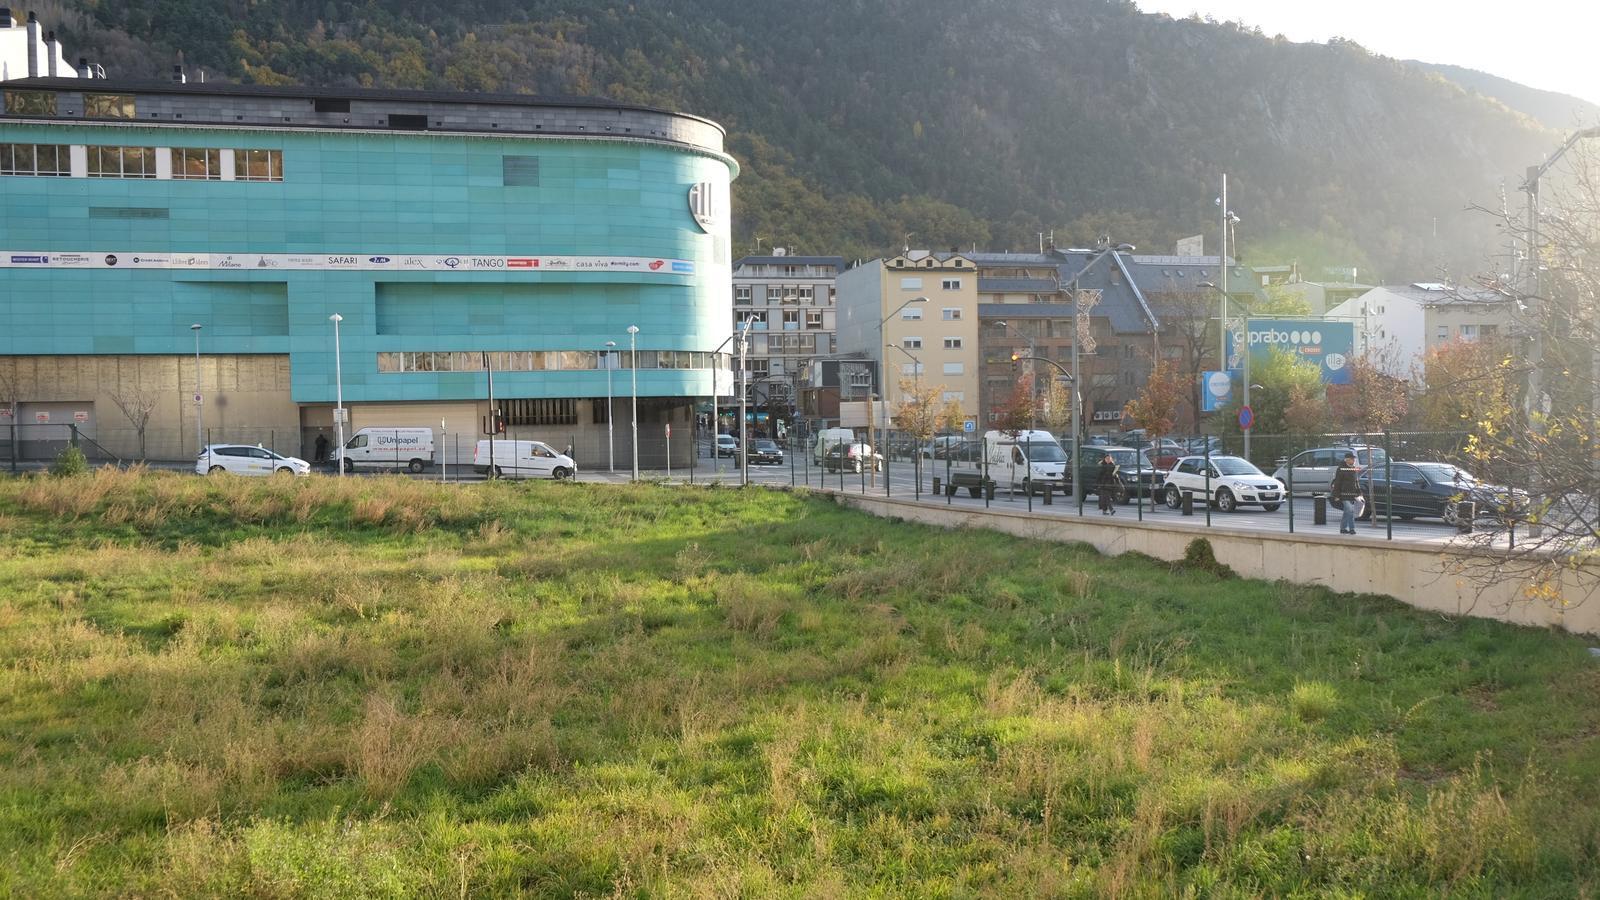 Parcel·la on Cirsa vol ubicar un dels seus dos projectes per al casino. / M. T.